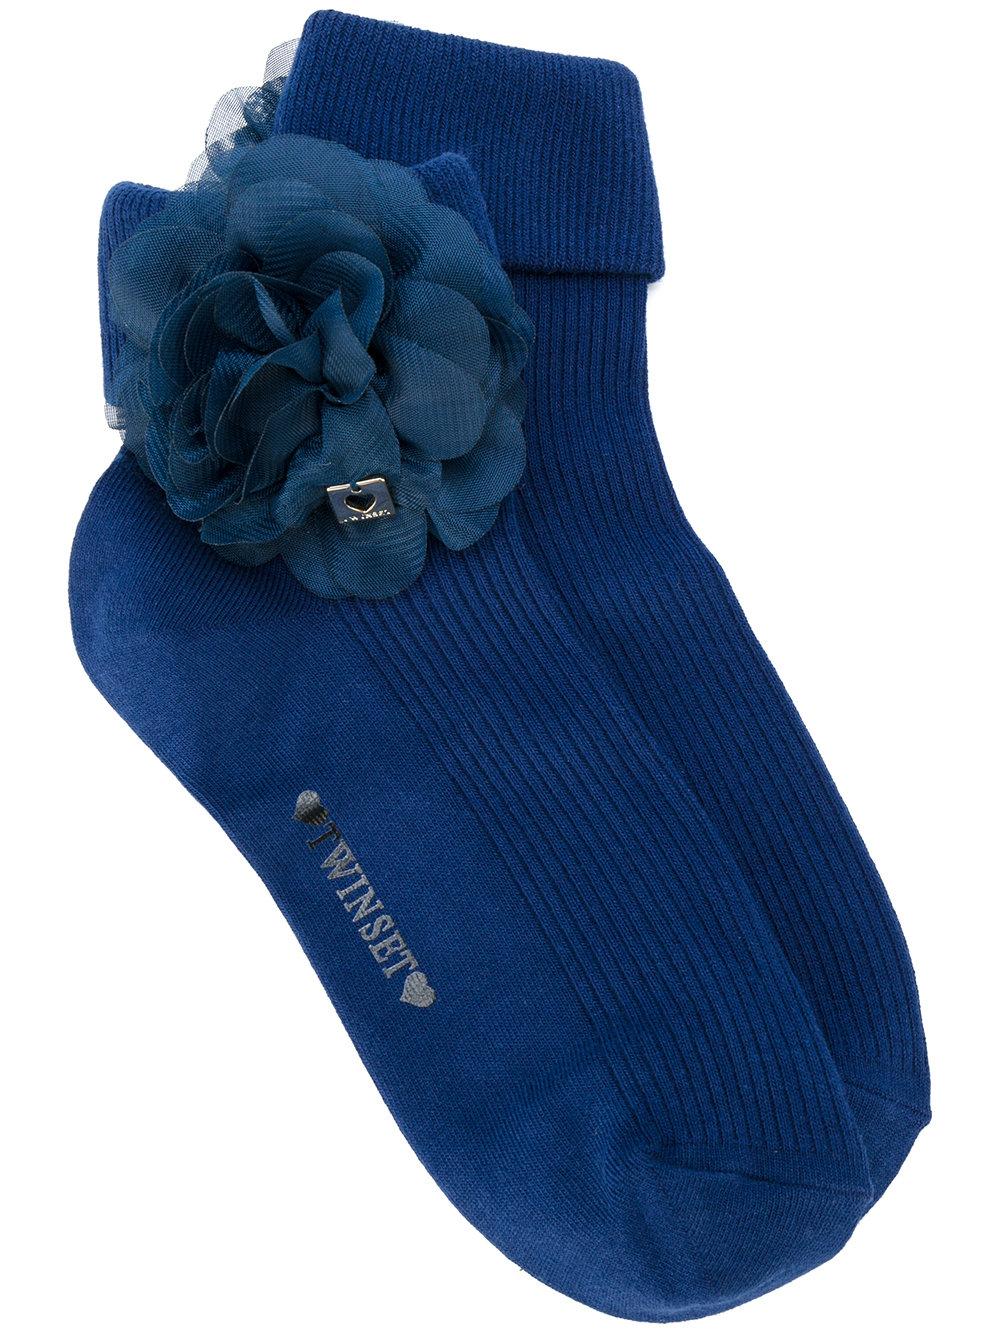 Мода. TWIN-SET носки с цветочной отделкой 2 771 ₽